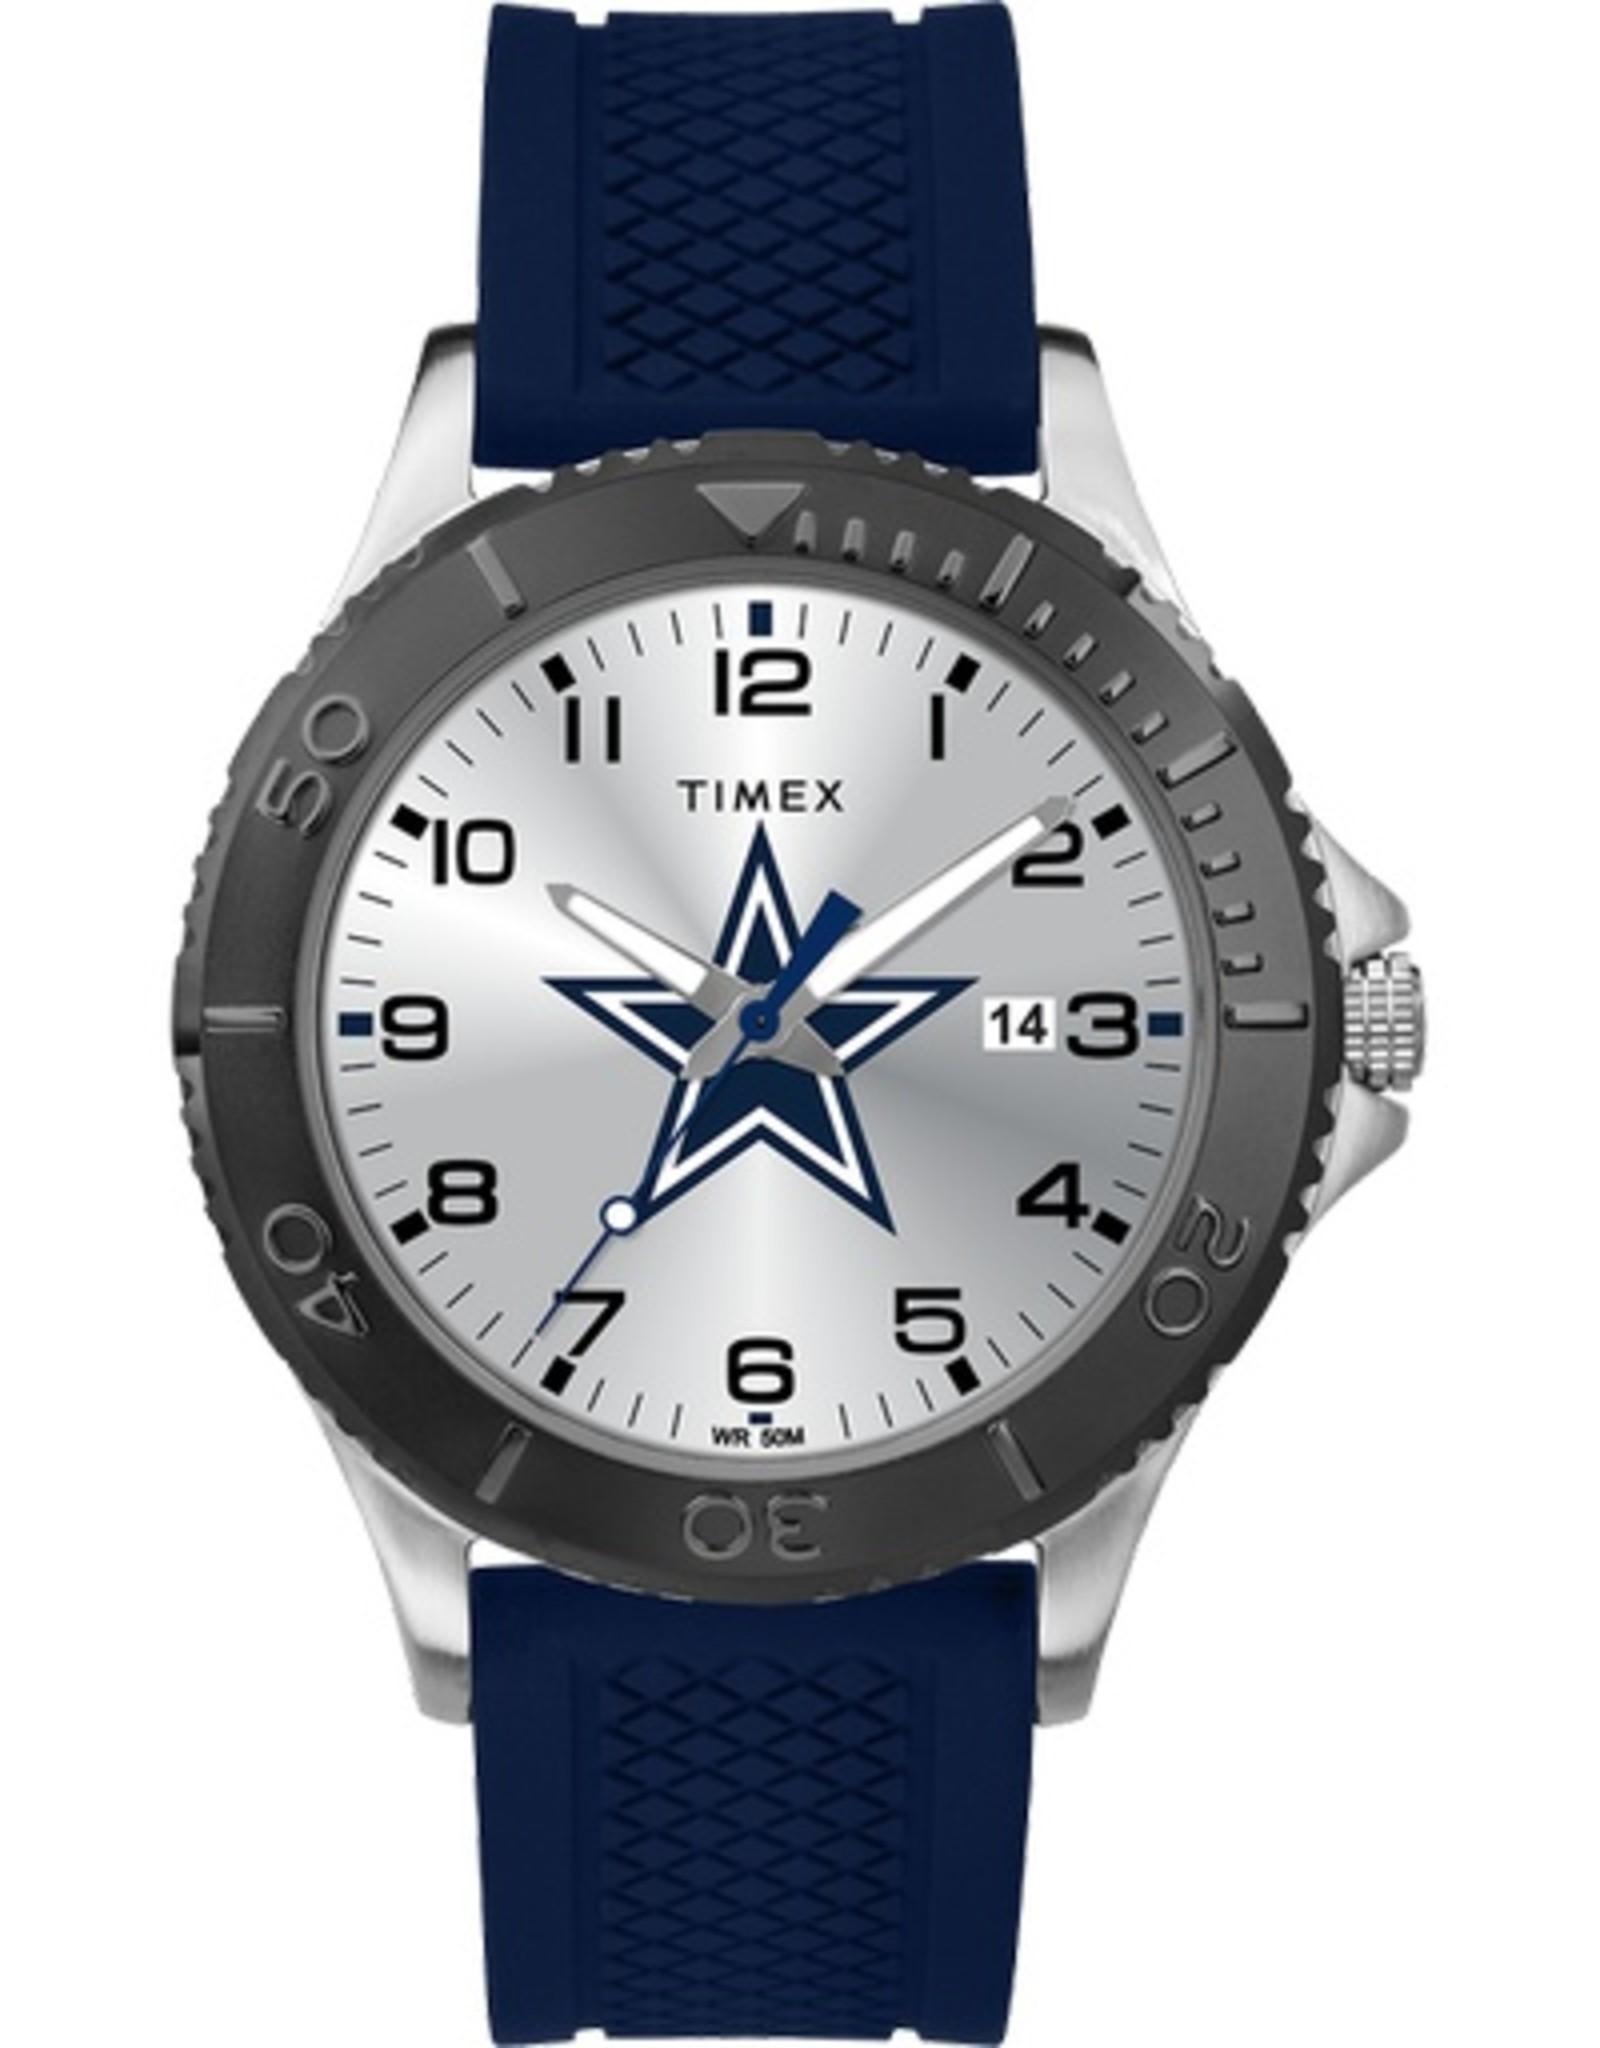 Dallas Cowboys Timex Gamer Watch